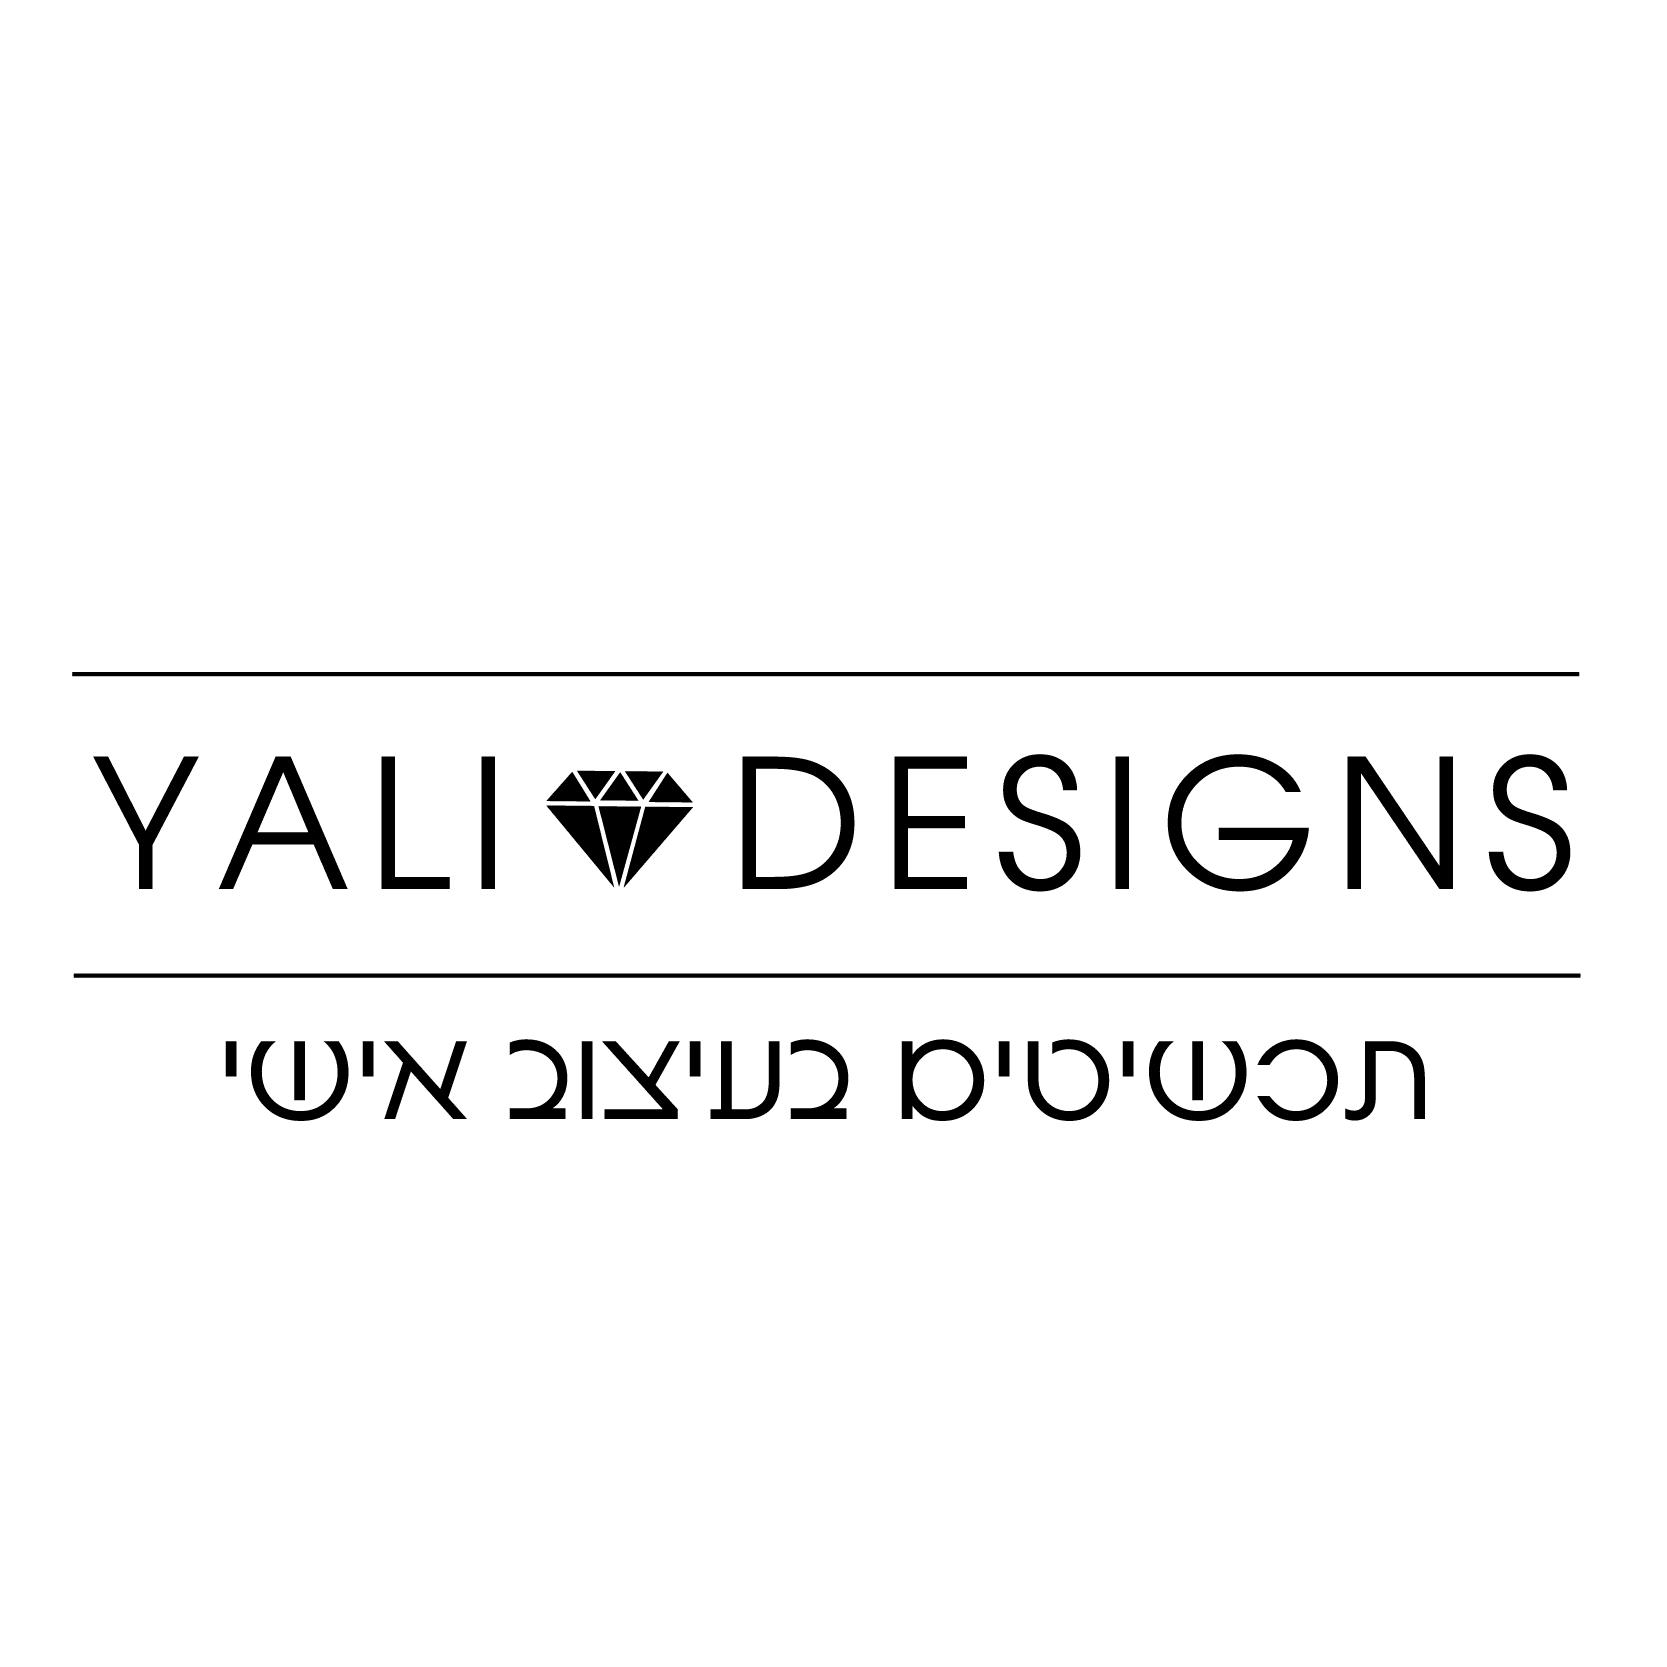 יהלי עיצובים- עיצוב תכשיטים בהתאמה אישית וחריטות מיוחדות